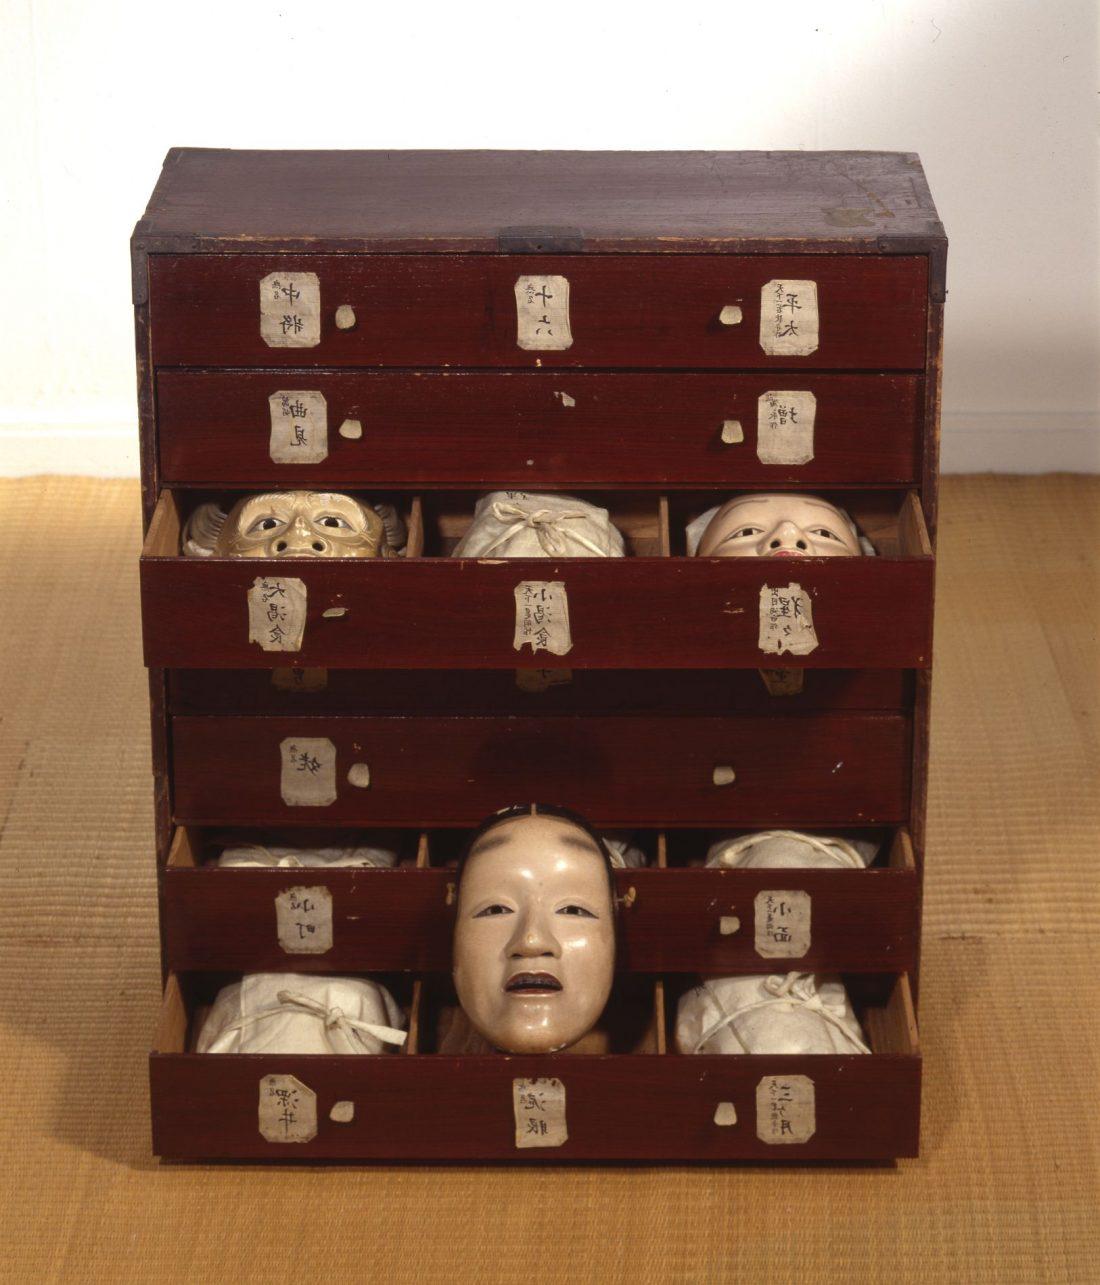 Schrank mit offenen Schubladen, in denen Masken liegen